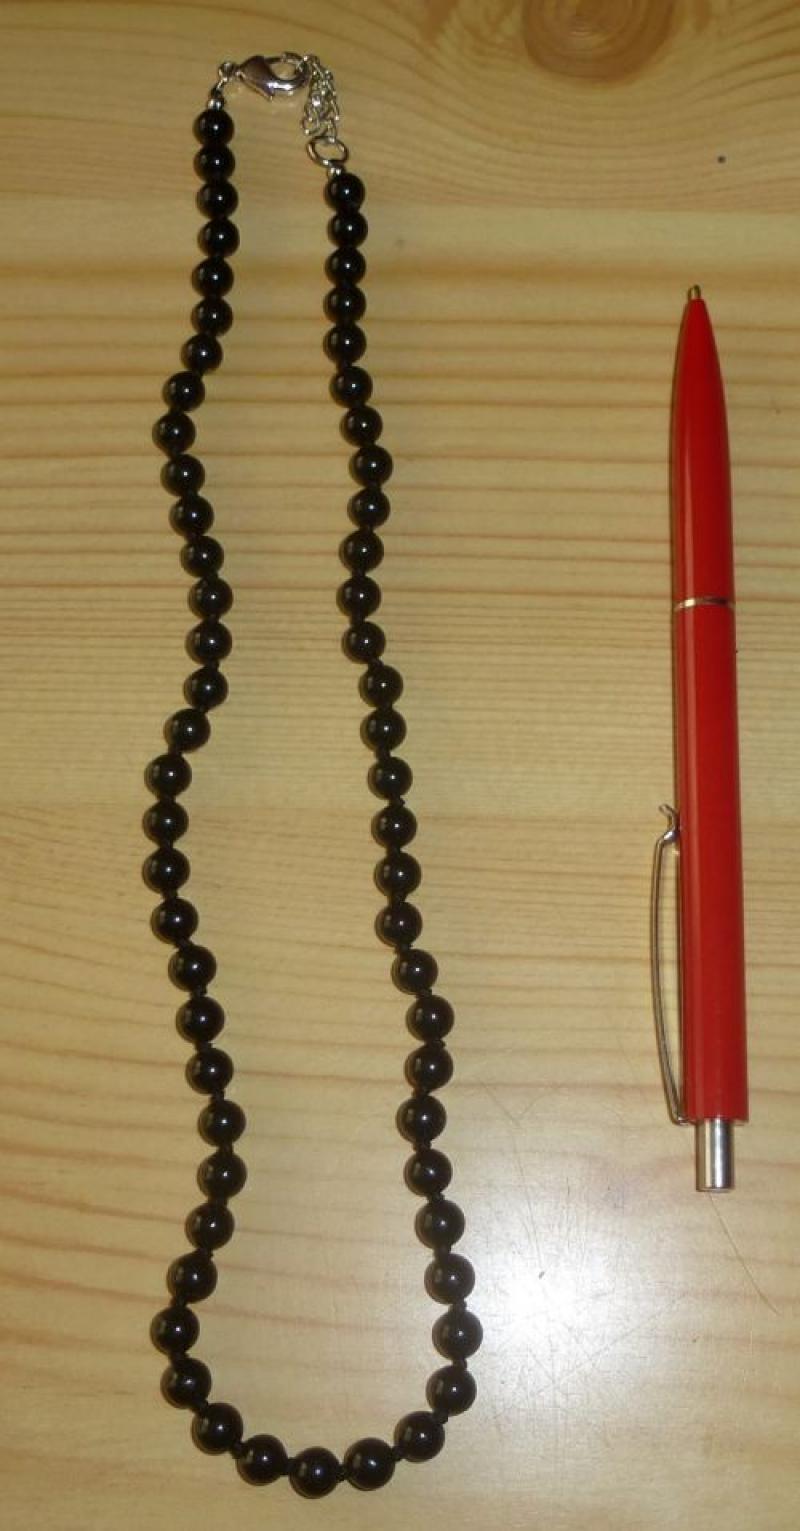 Kette aus 6 mm Schörl (Turmalin) Kugeln, 45 cm lang, 1 Stück